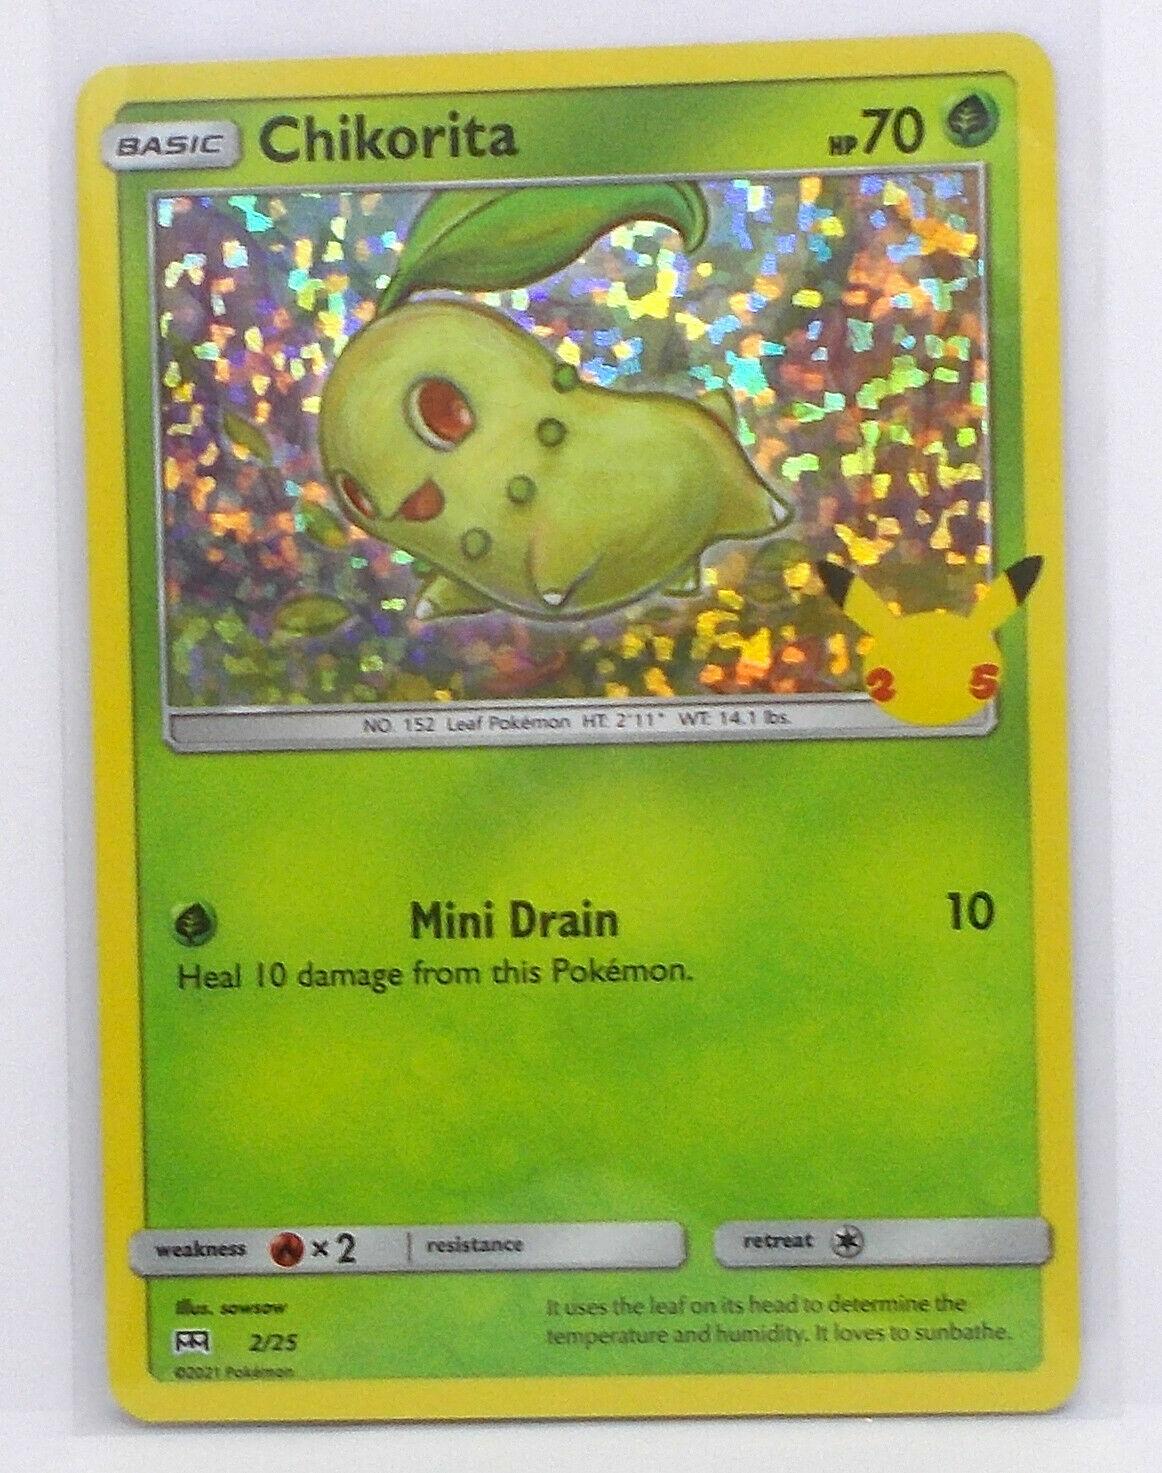 2/25 CHIKORITA Pokemon McDonald's Promo Holo Foil Card VNM-Mint